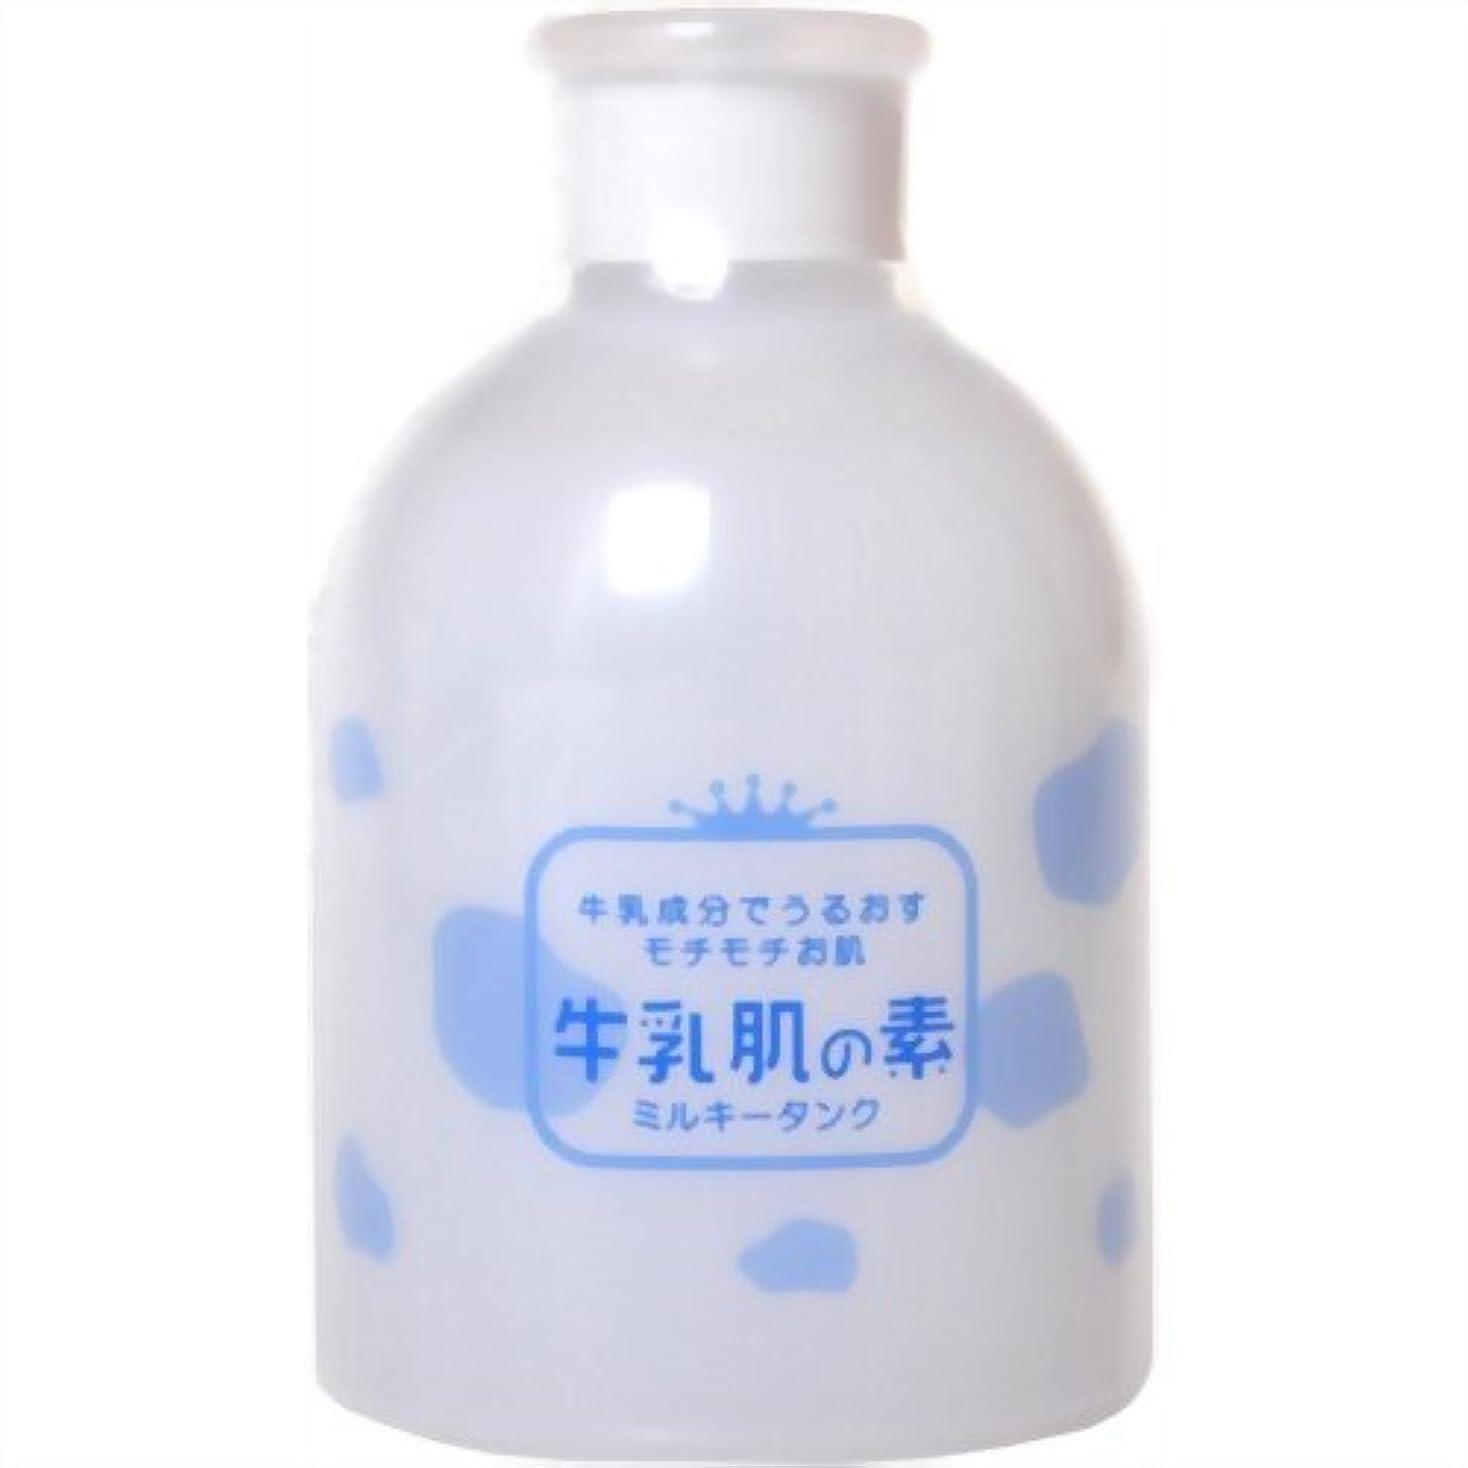 アッティカス信仰塩牛乳肌の素 ミルキータンク(化粧水) 300ml